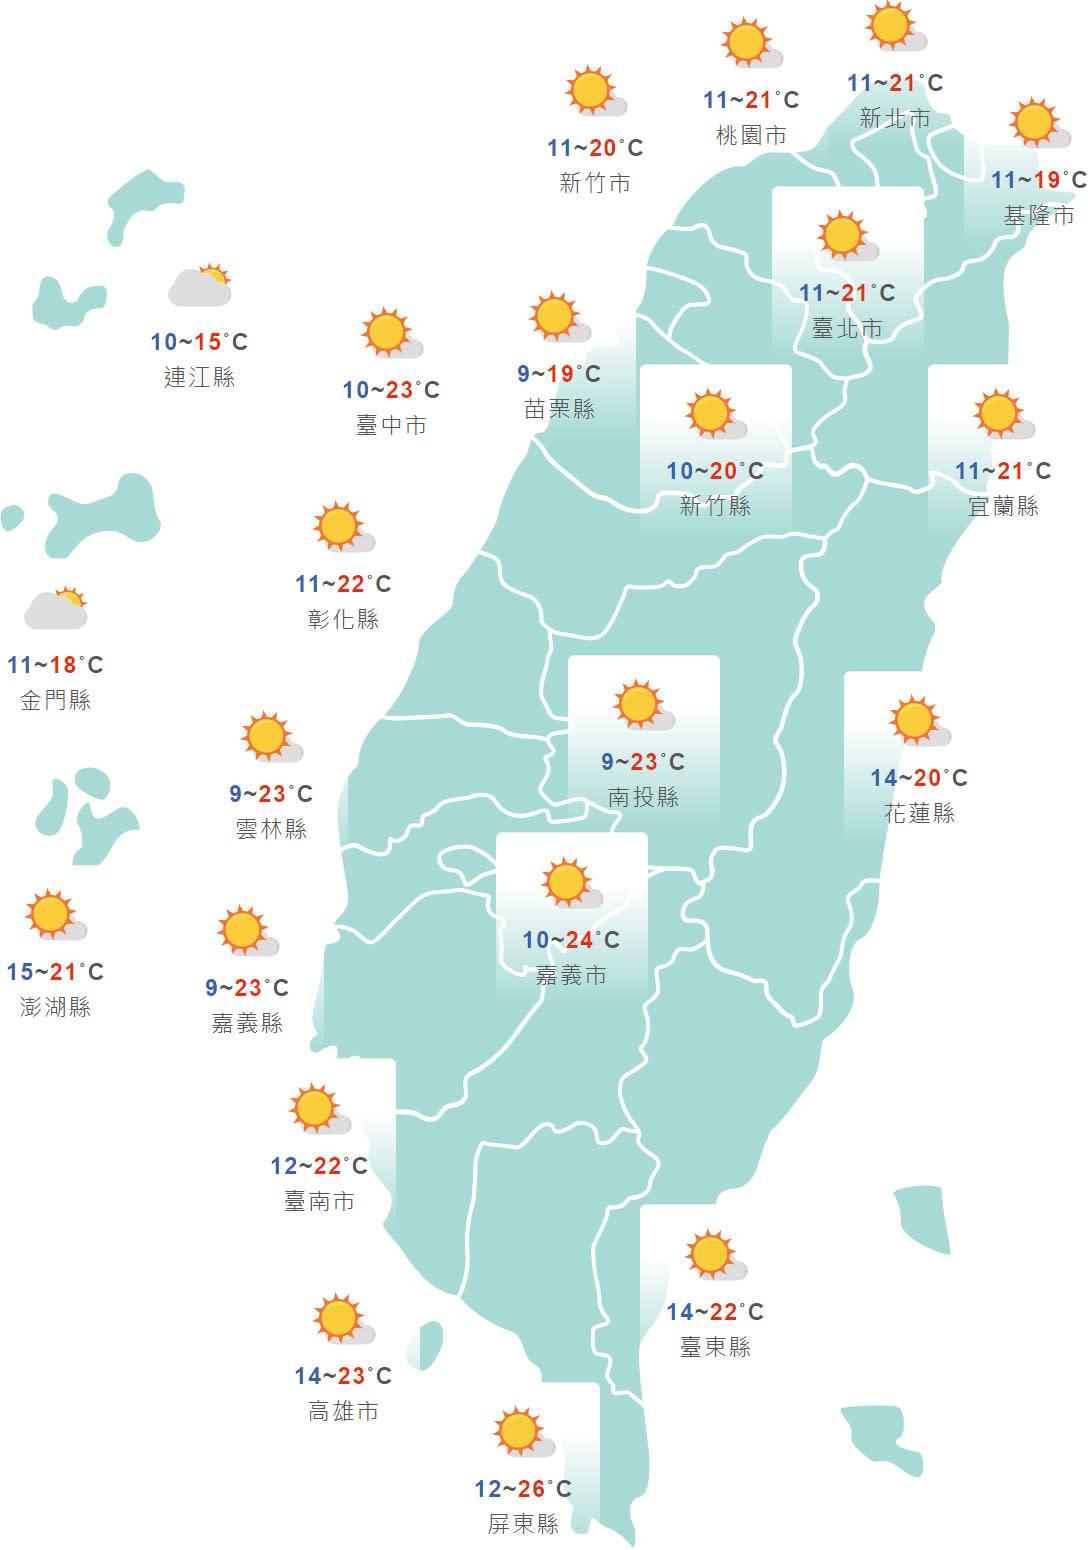 全台與外島地區今日天氣與溫度預測。